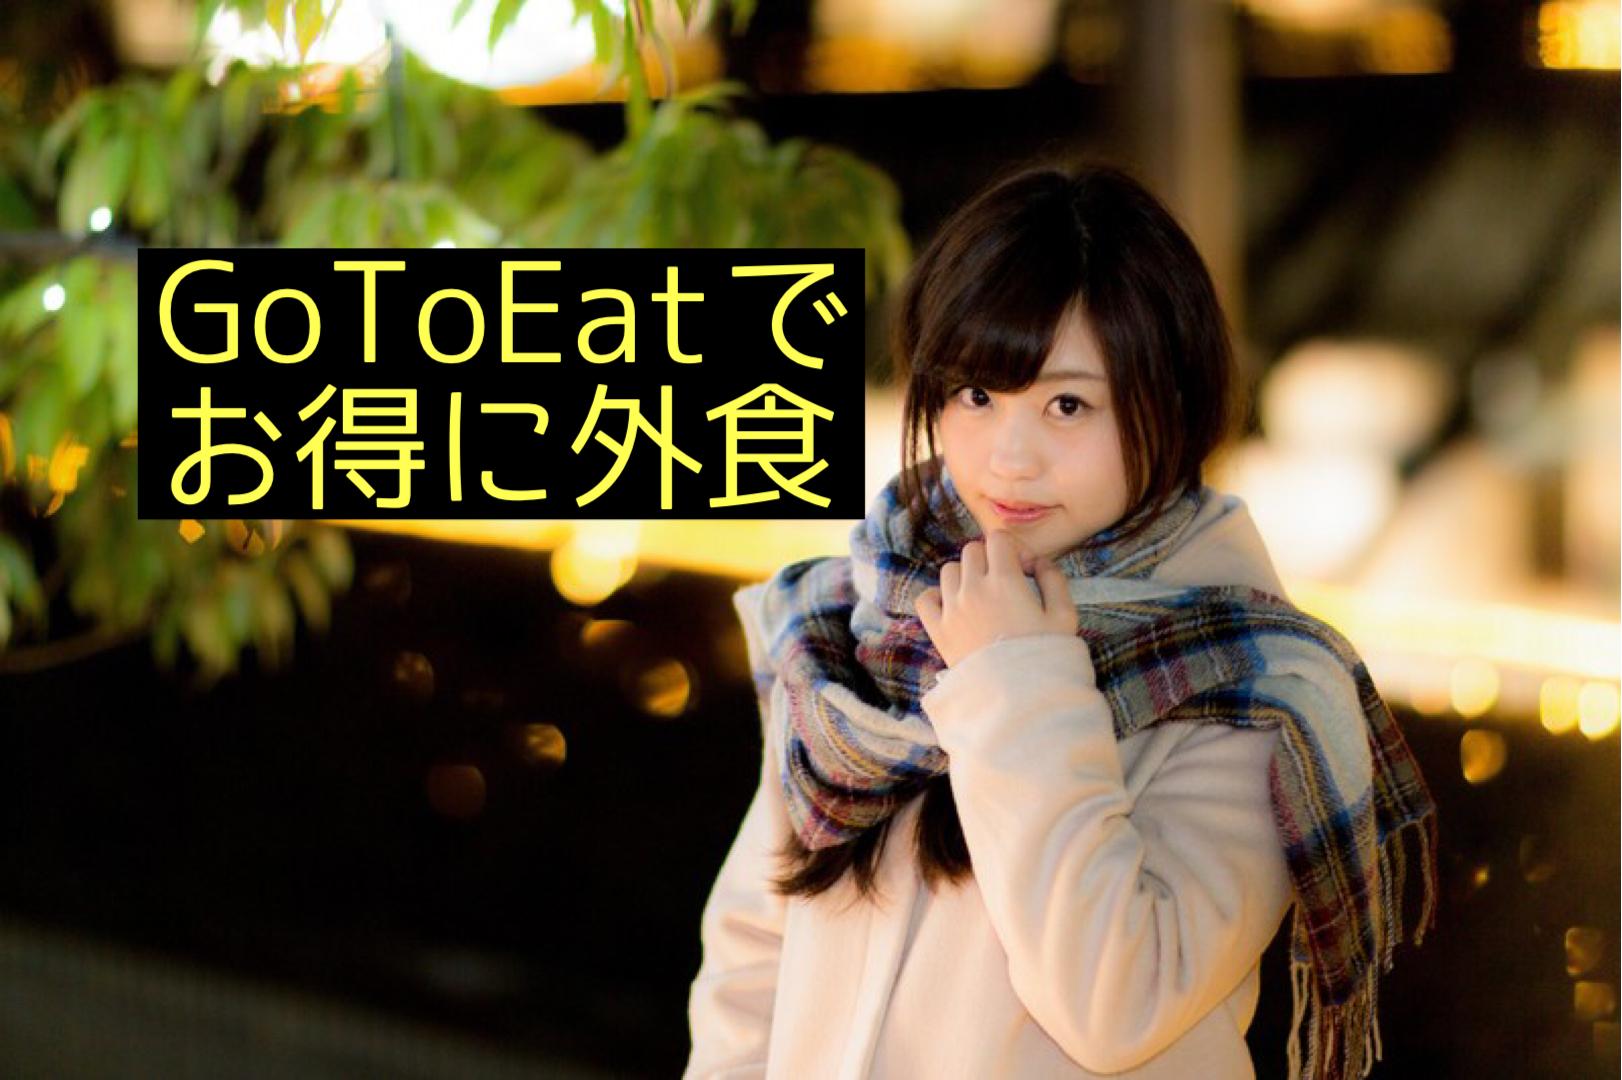 【誰でも簡単でお得】普通にGoToEatキャンペーンを使って外食をすることは悪くない